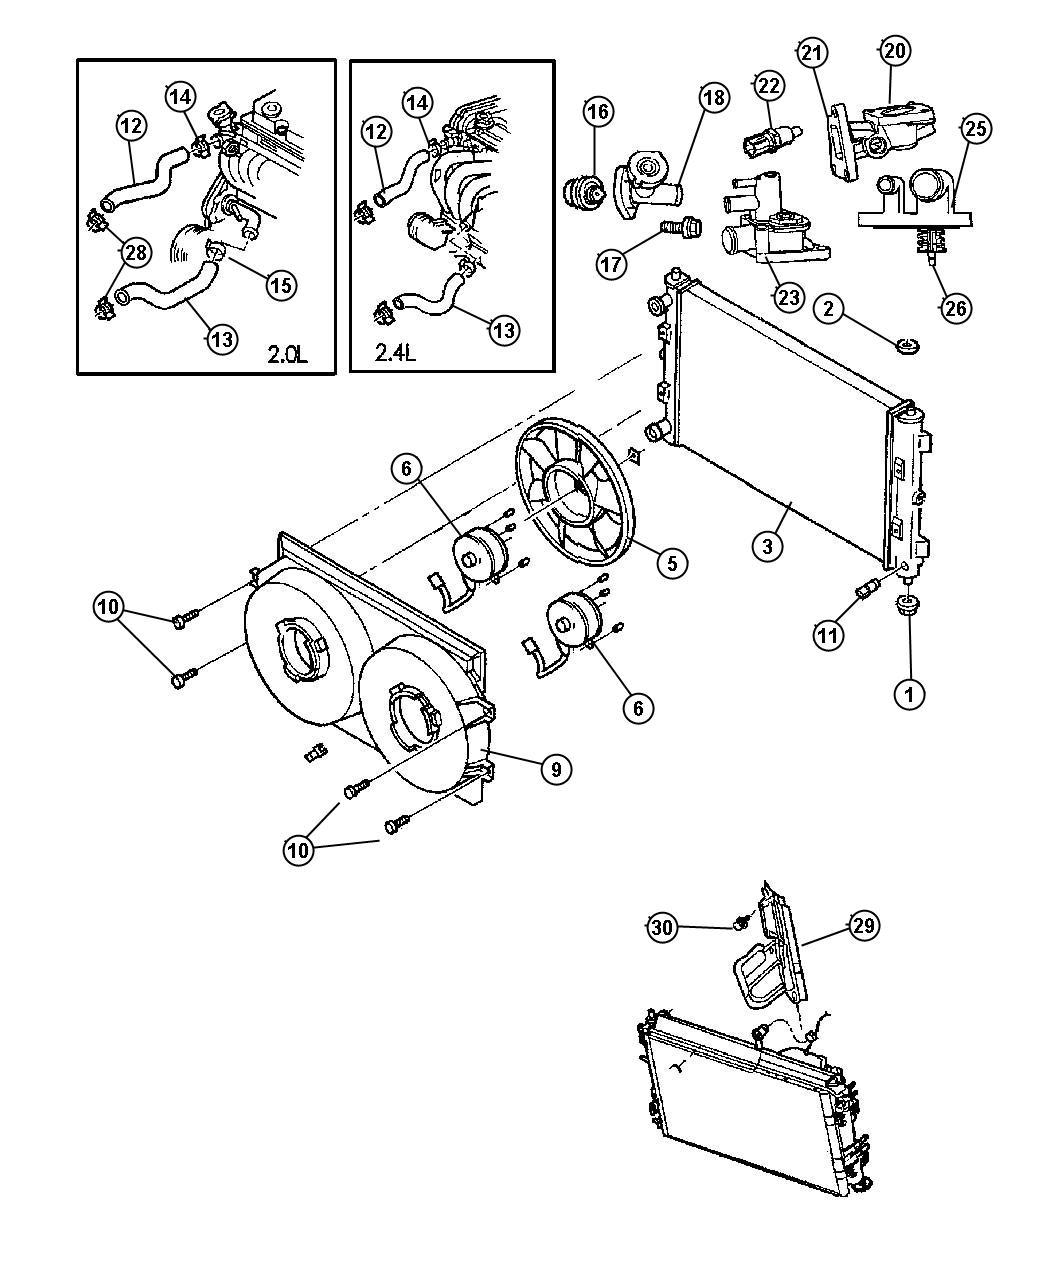 Chrysler Sebring Hose. Radiator outlet. Engine, dohc, smpi